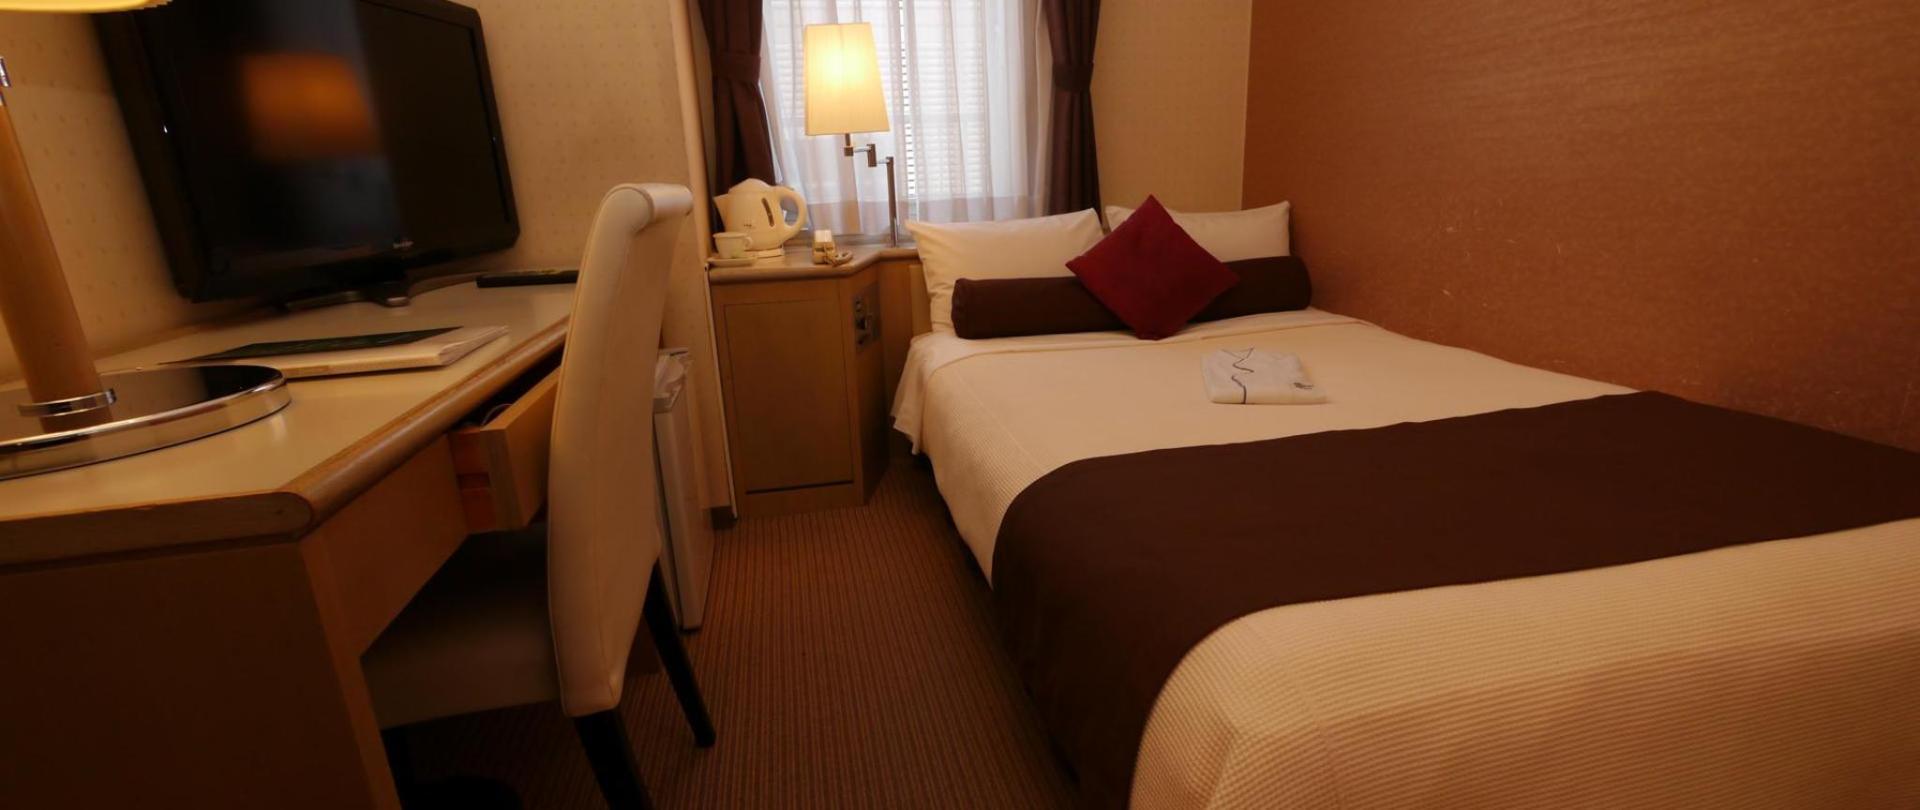 Shin-Yokohama Kokusai Hotel